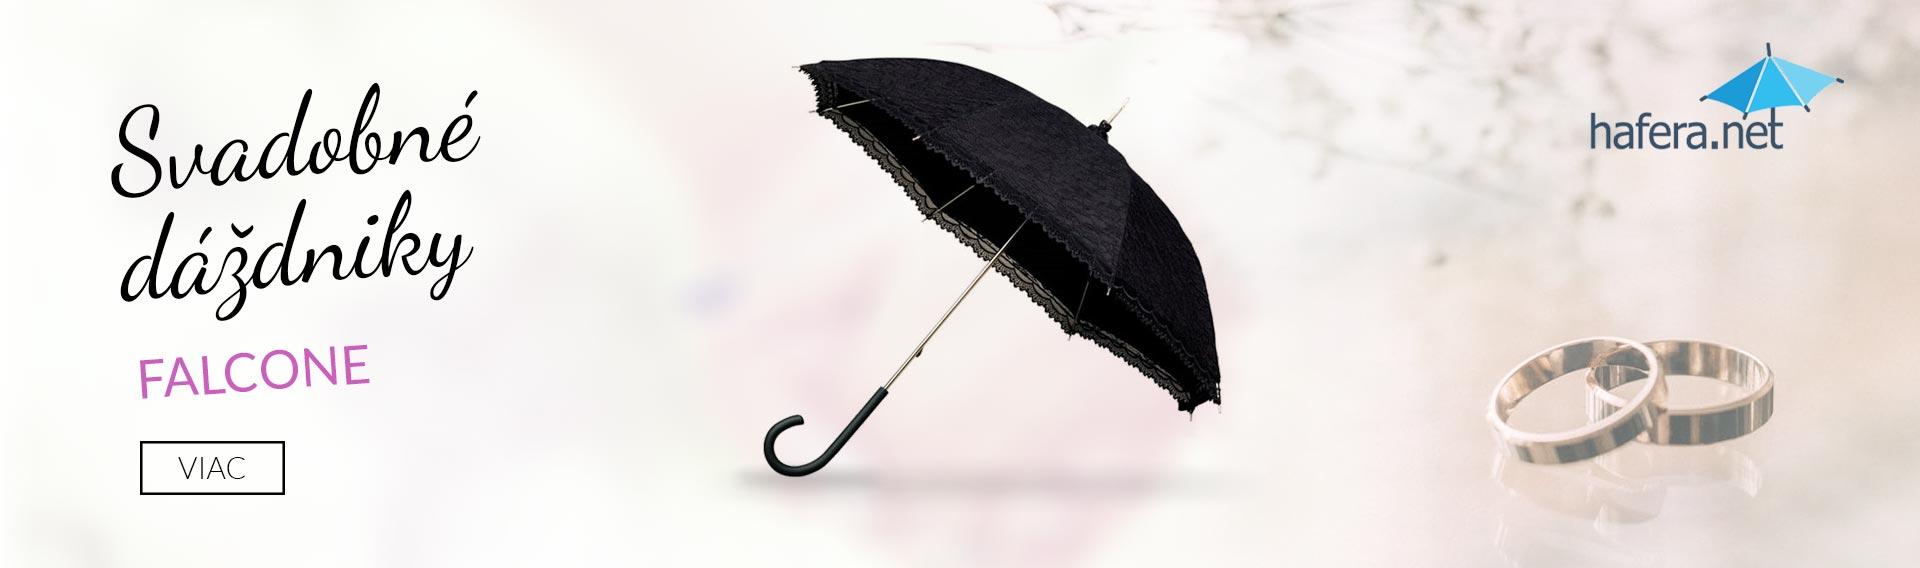 Svadobné dáždniky